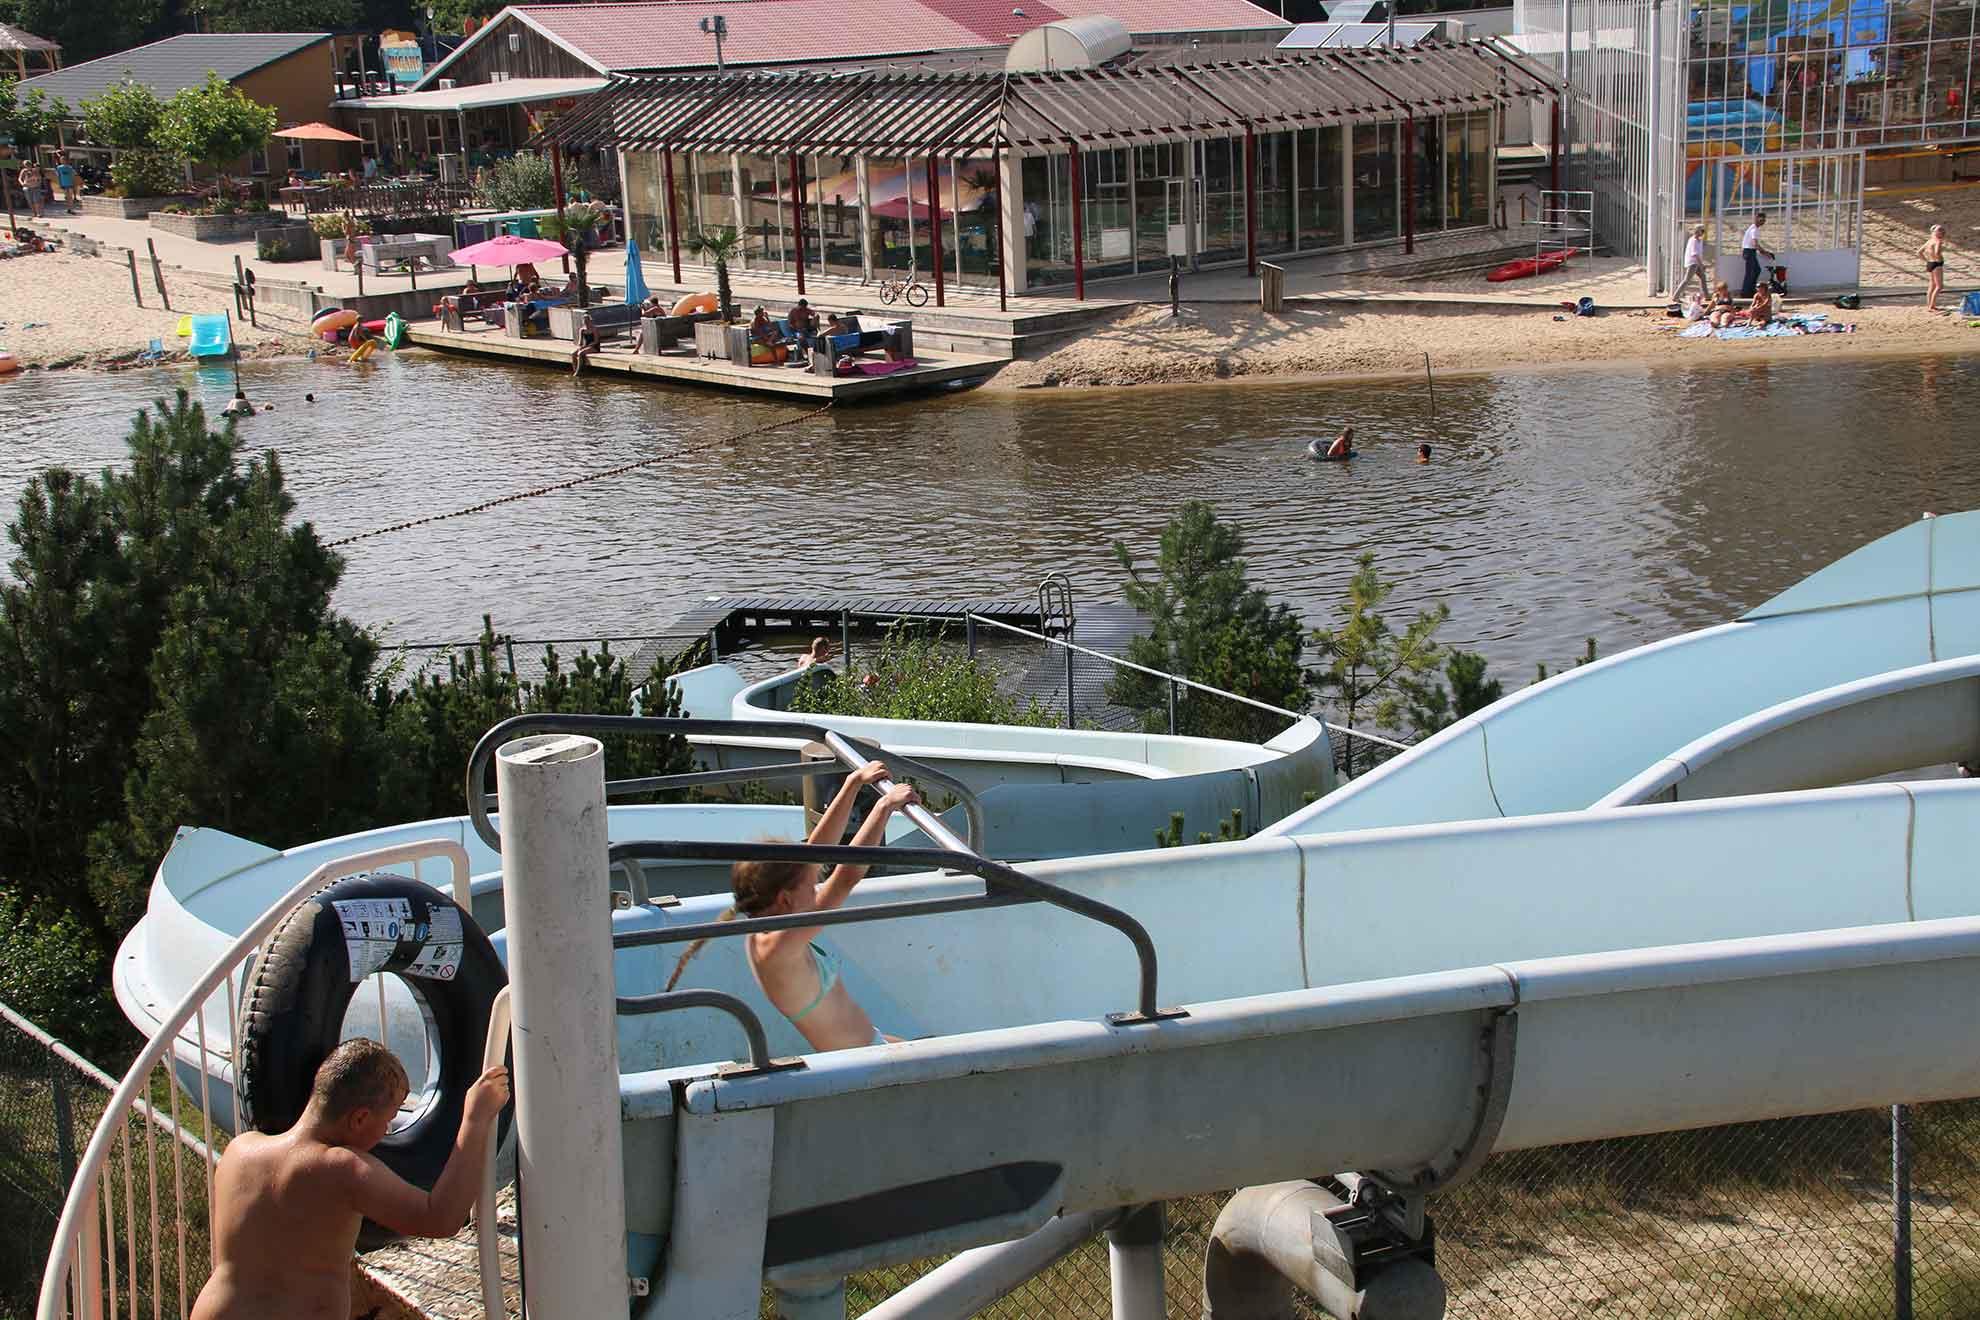 Vakantiepark in Nederland met zwembad - Vakantie in Nederland met zwembad